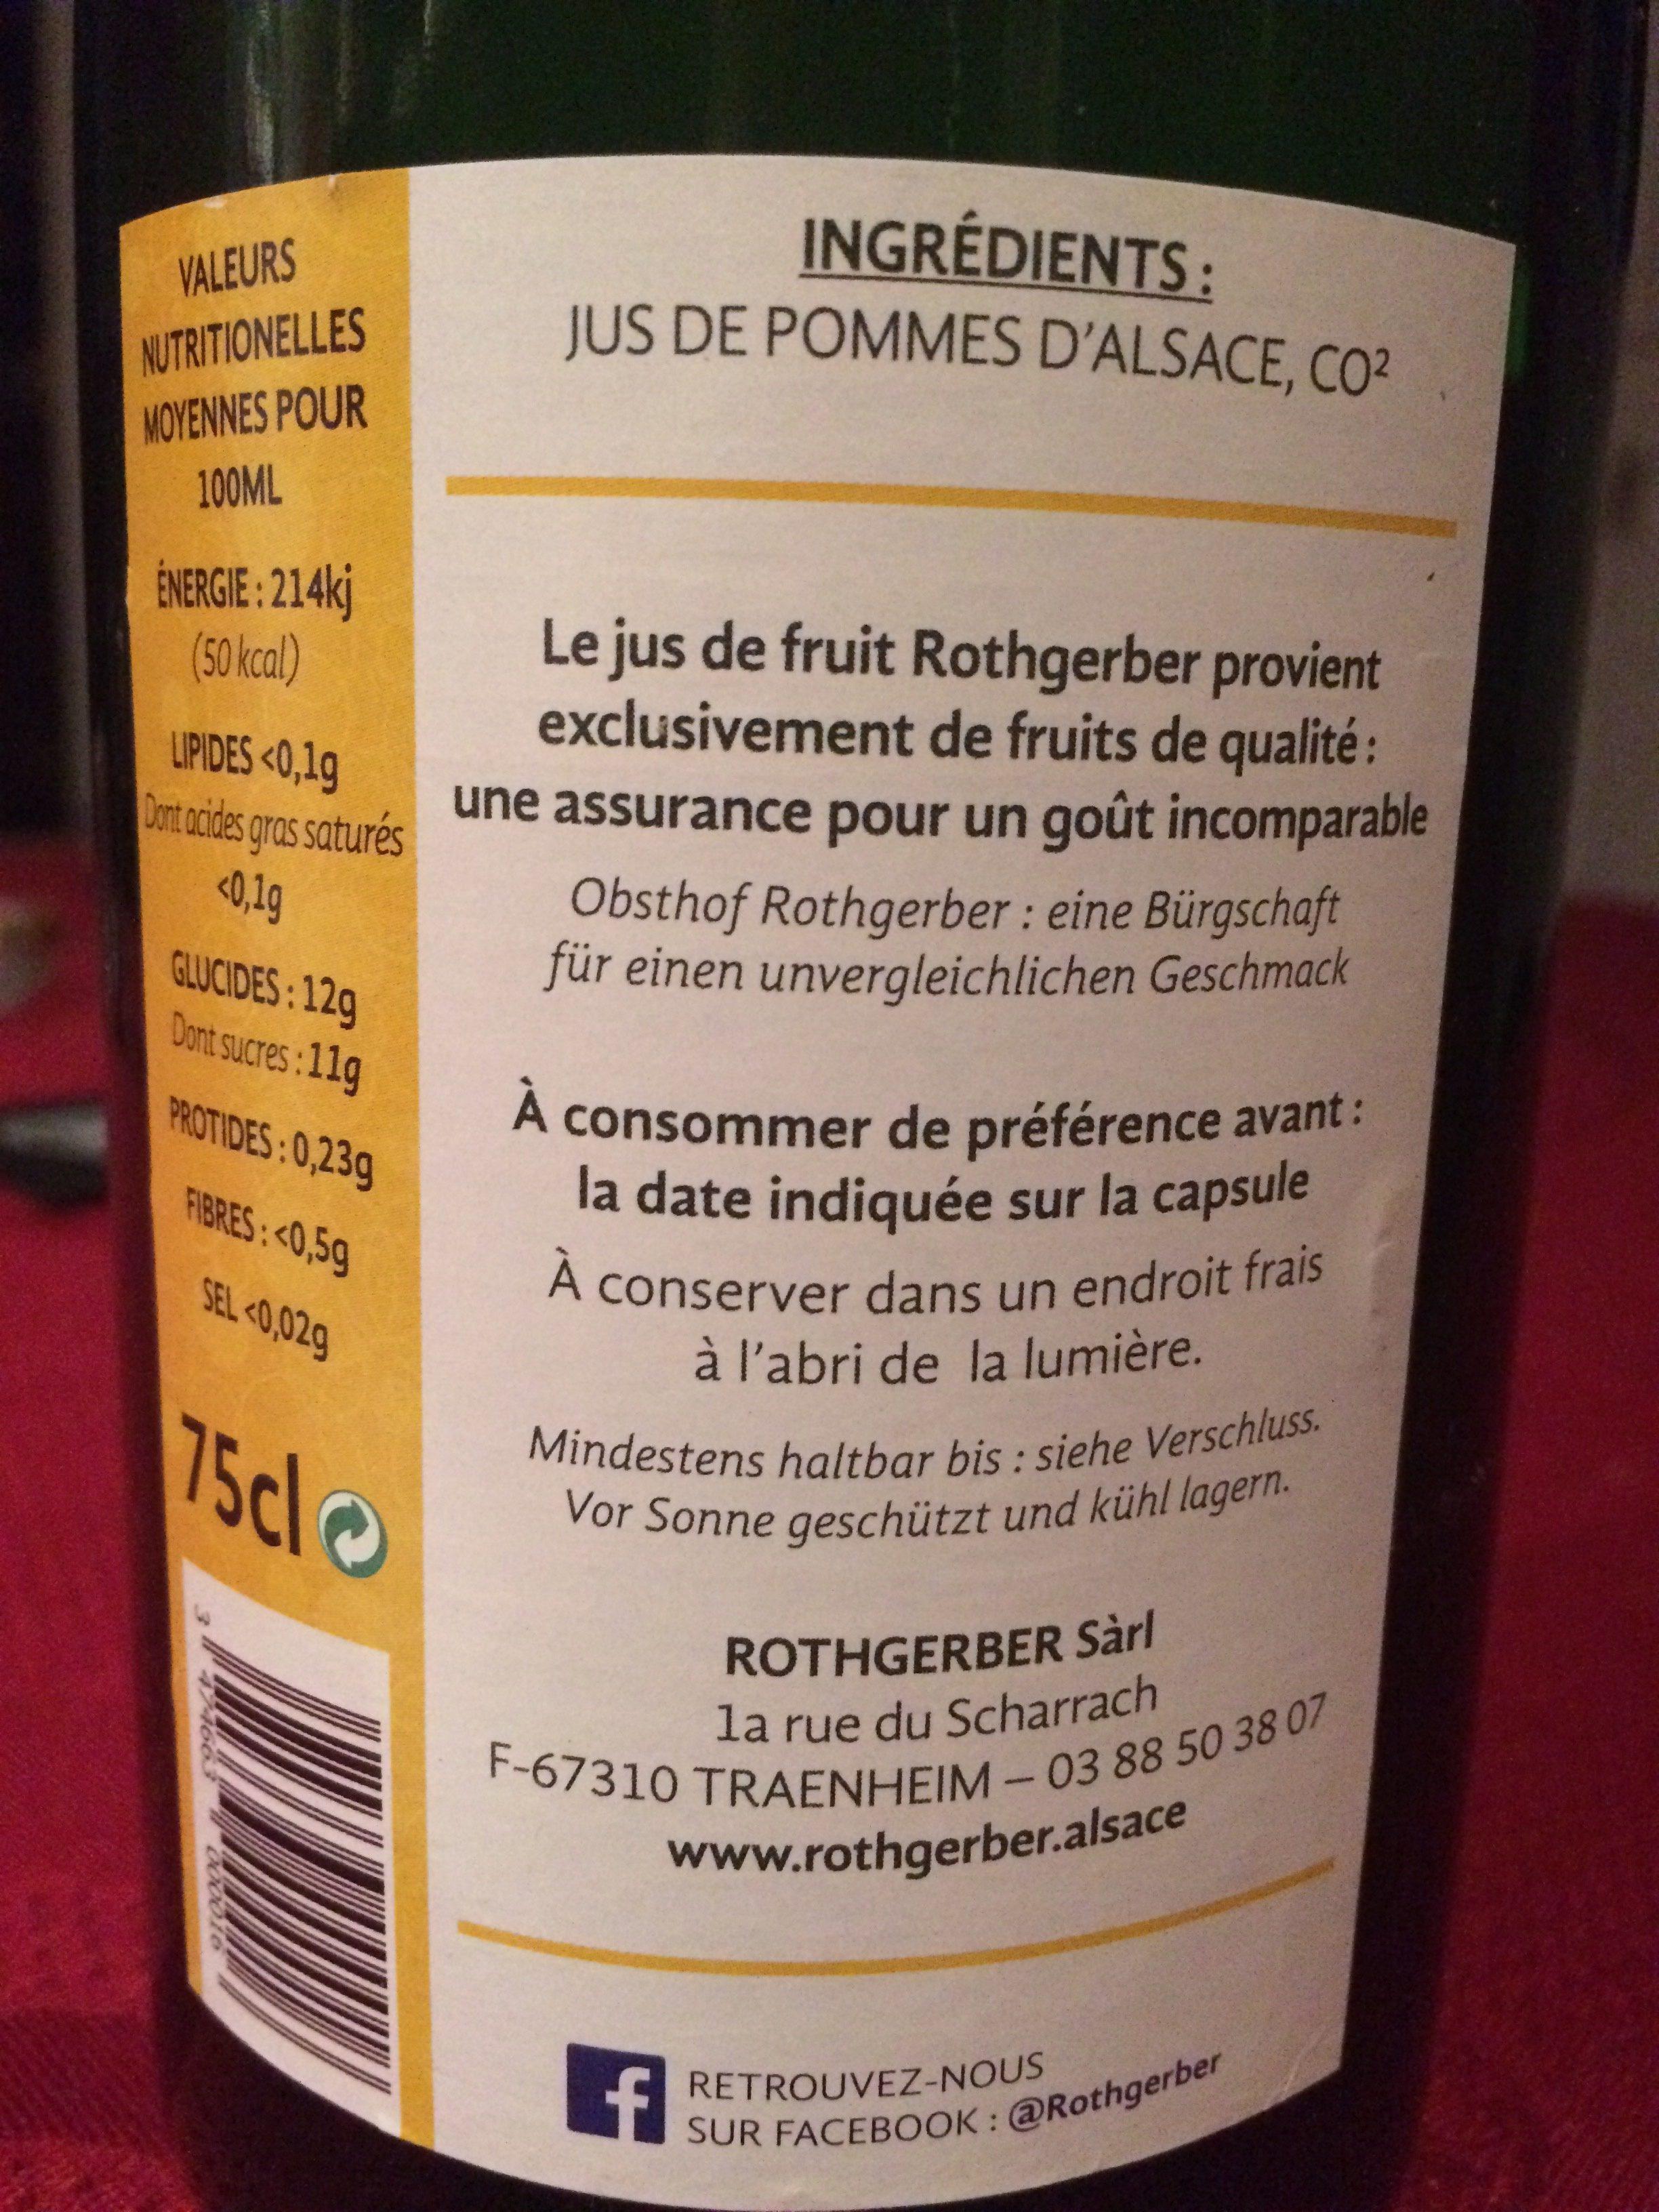 Petillant de pomme - Ingredients